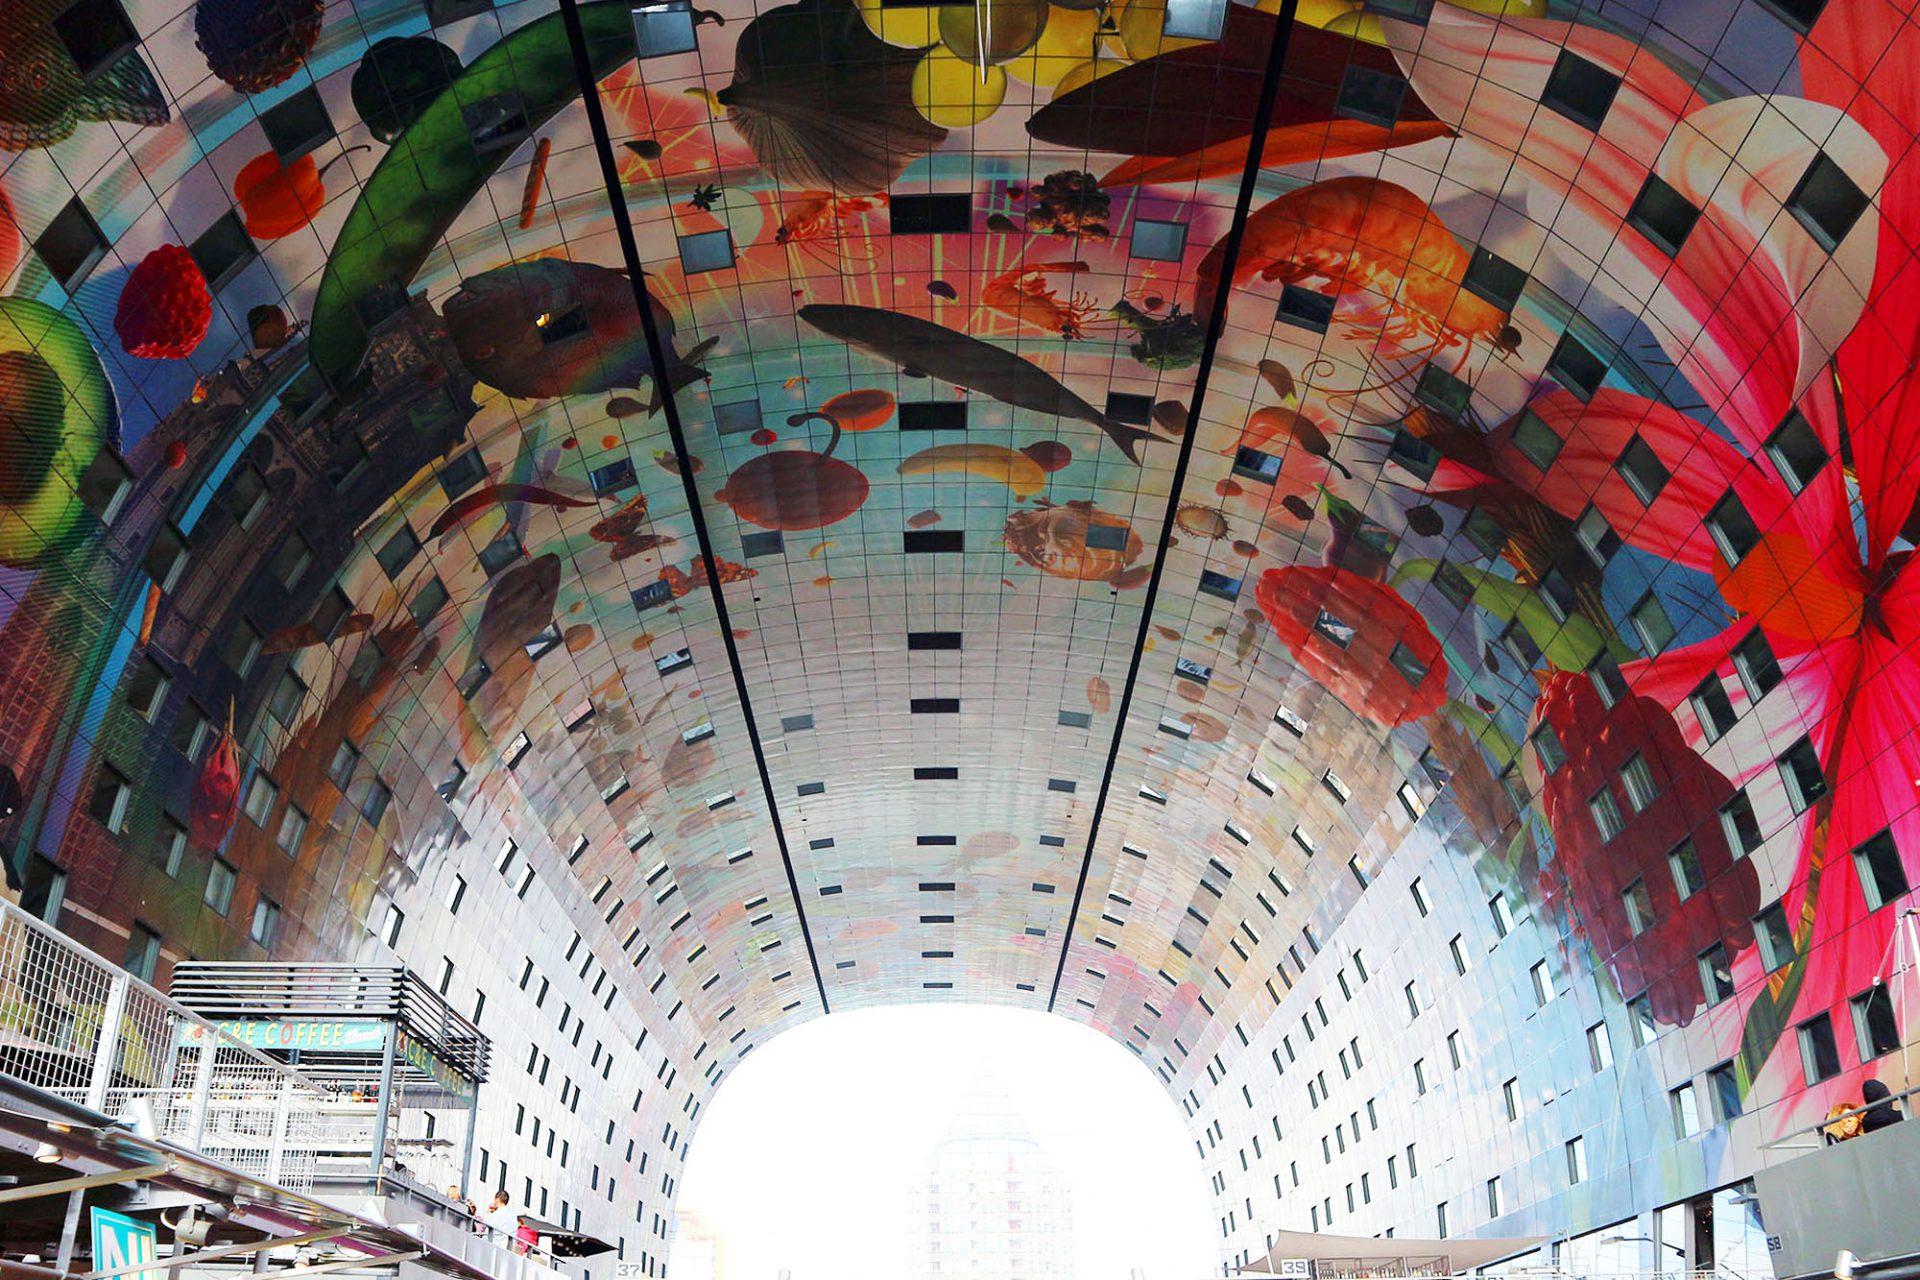 Markthal. Ein quietschbuntes Kunstwerk von Arno Coenen und Iris Roskam verschönert den Innenraum. Abgebildet sind Produkte, die an den Ständen zum Verkauf stehen.